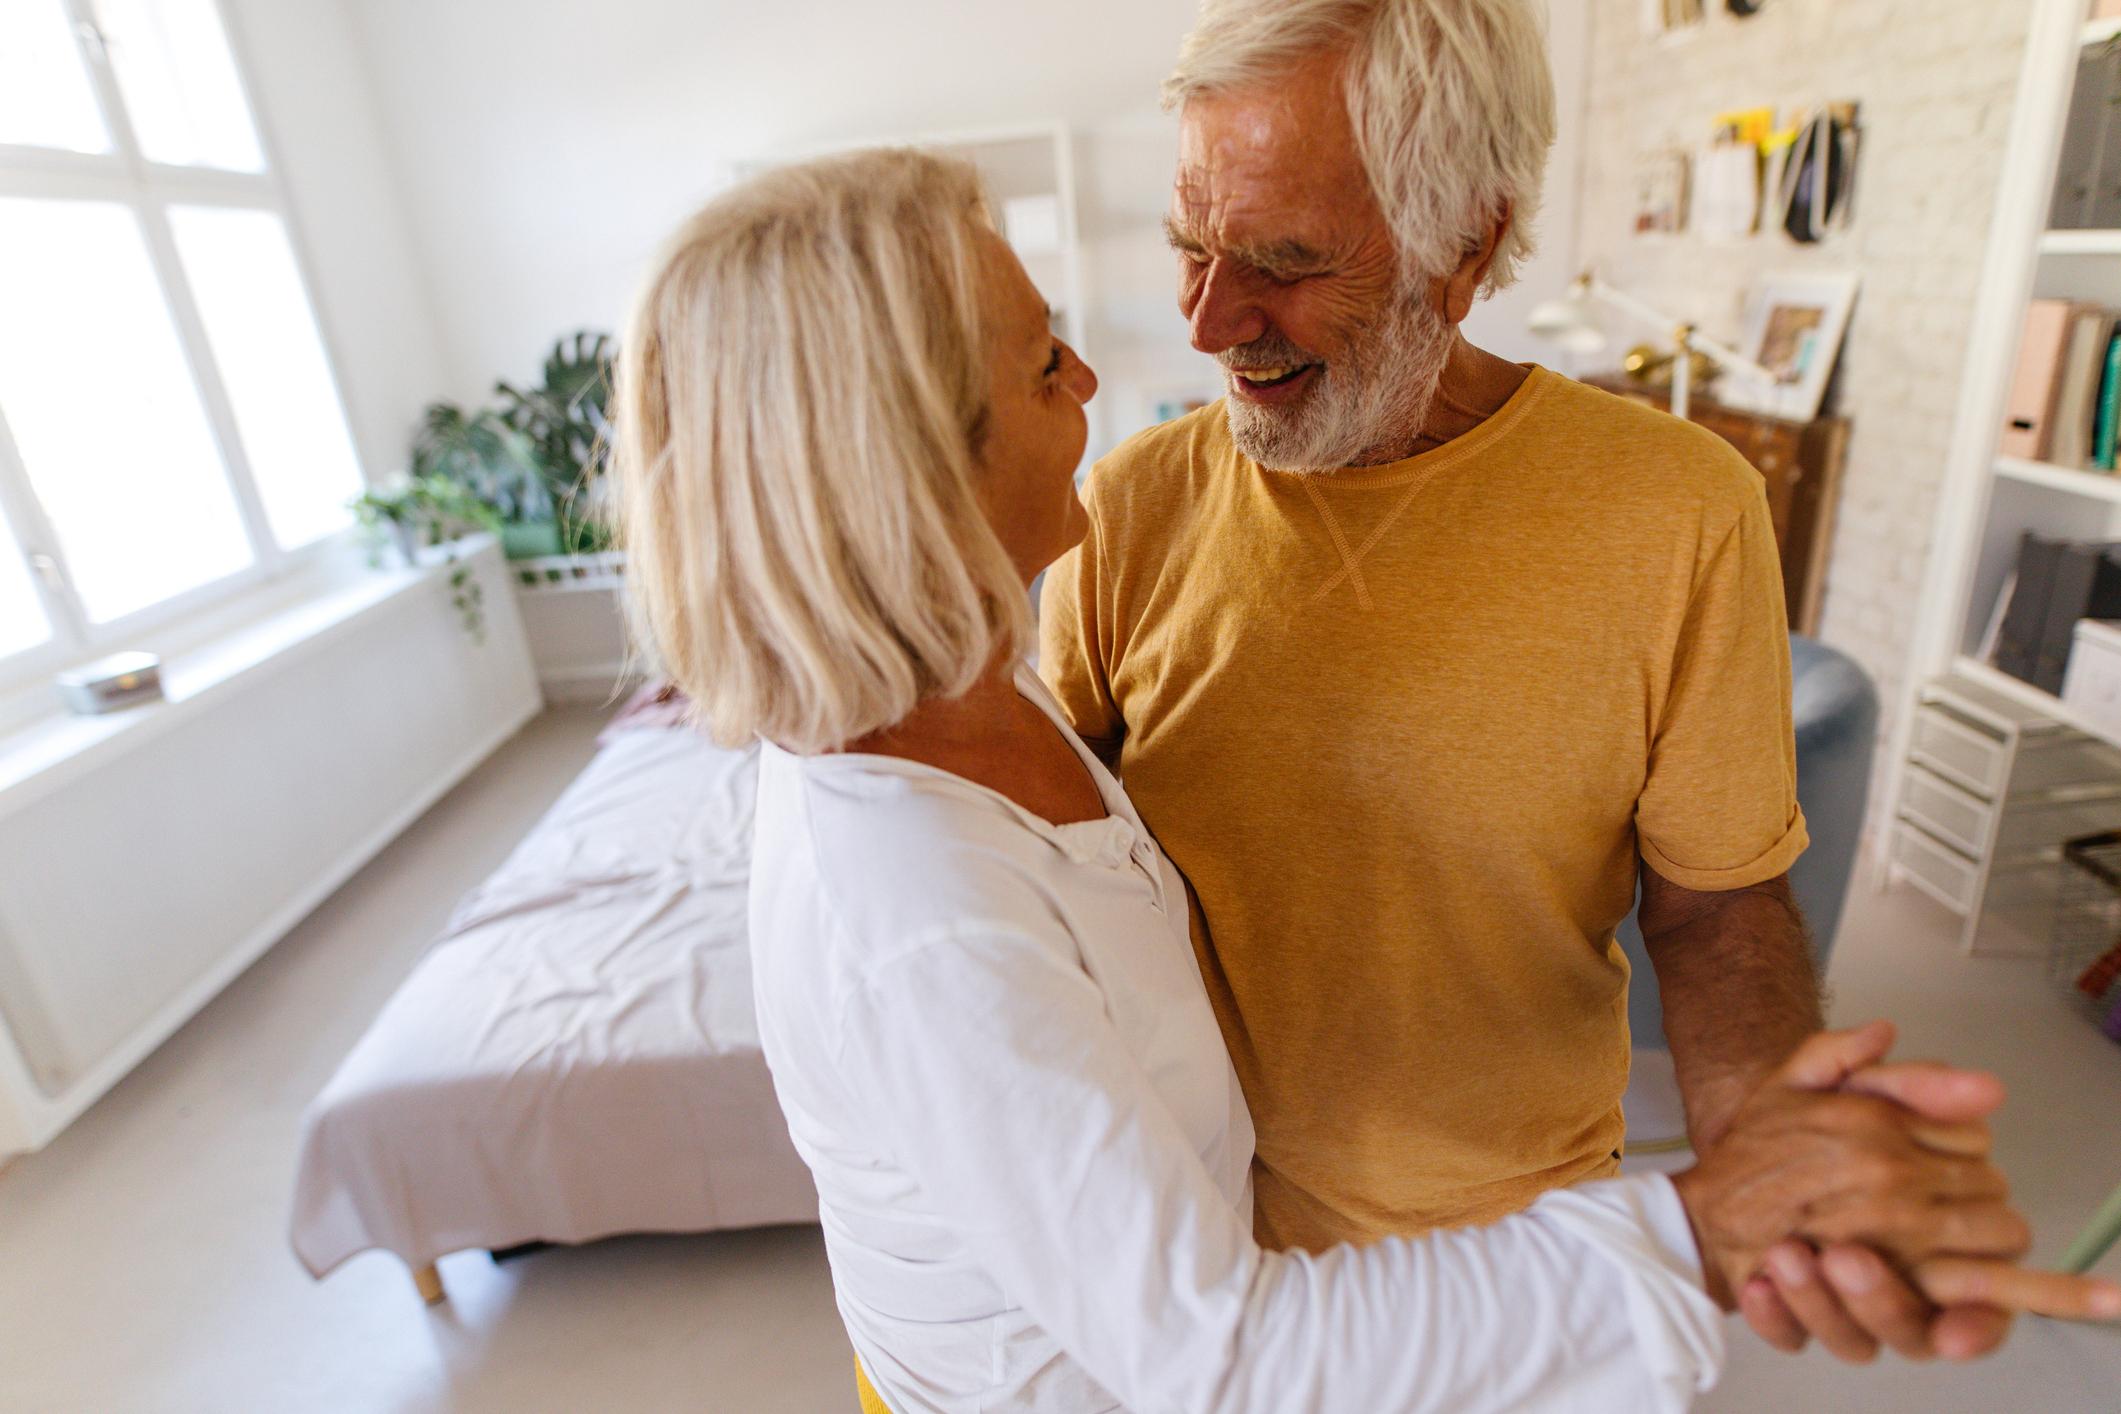 Pokazalo se da je pad kognitivnih funkcija u šestogodišnjem razdoblju bio jednak kod ispitanika koji su uzimali statine, kao i kod onih koji nisu bili na terapiji.